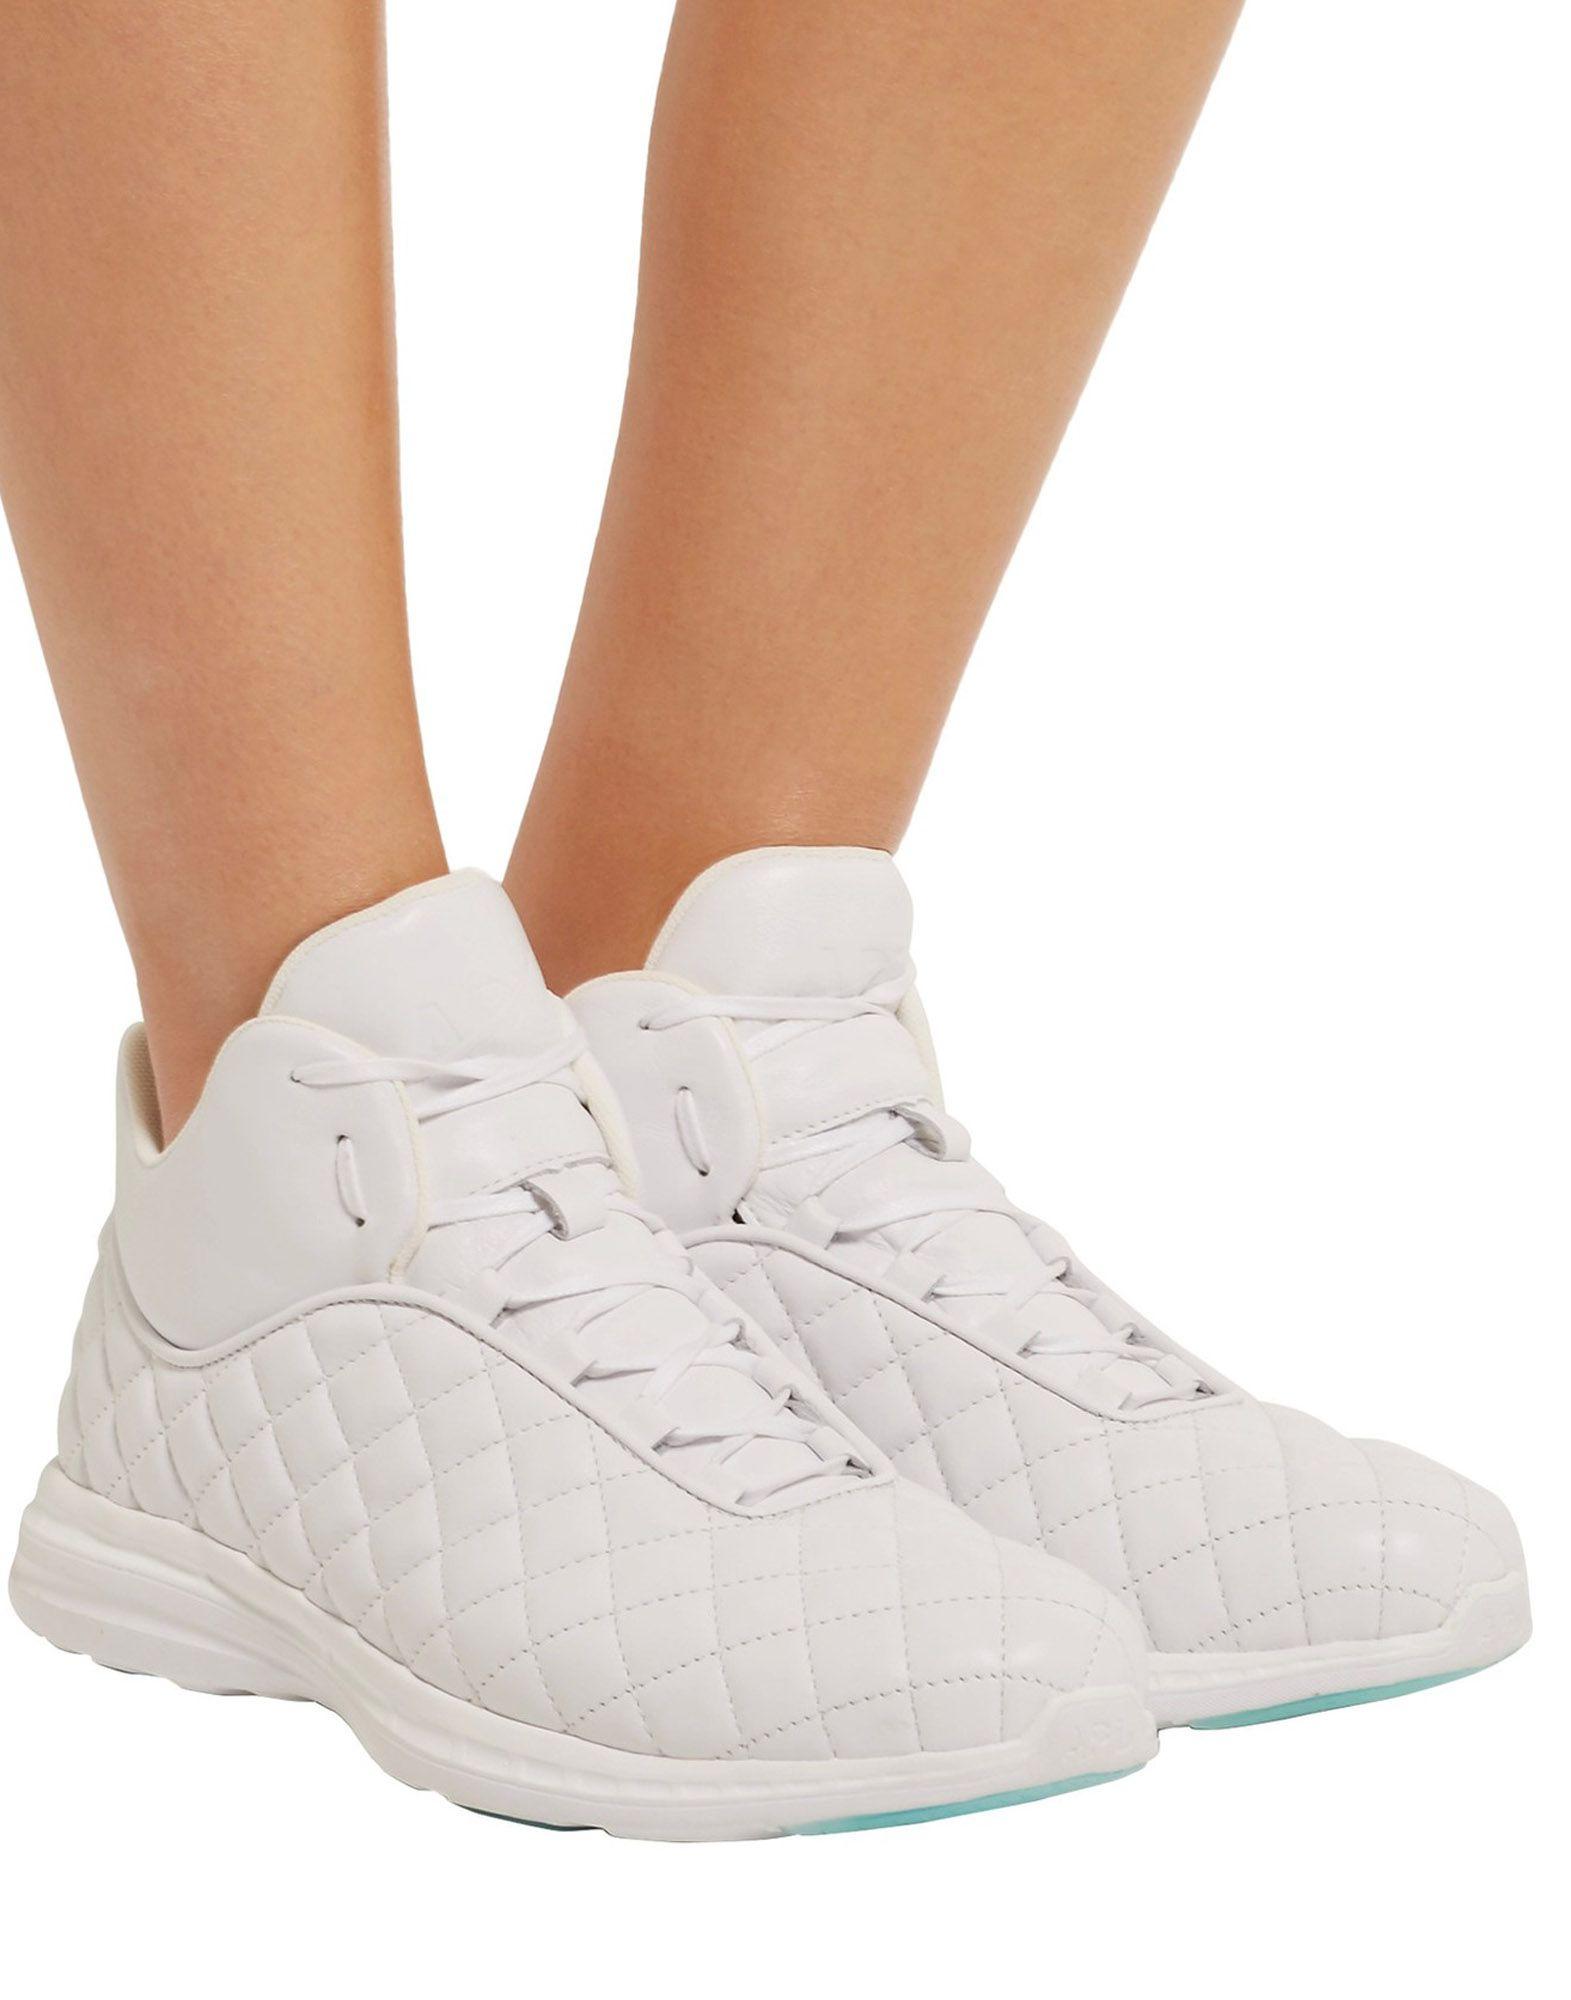 mat & # 174; propulsion labs baskets baskets baskets - femmes athlétisme mat & # 174; propulsion labs baskets en ligne sur le sport 11513743jf royaume - uni - 995f1b